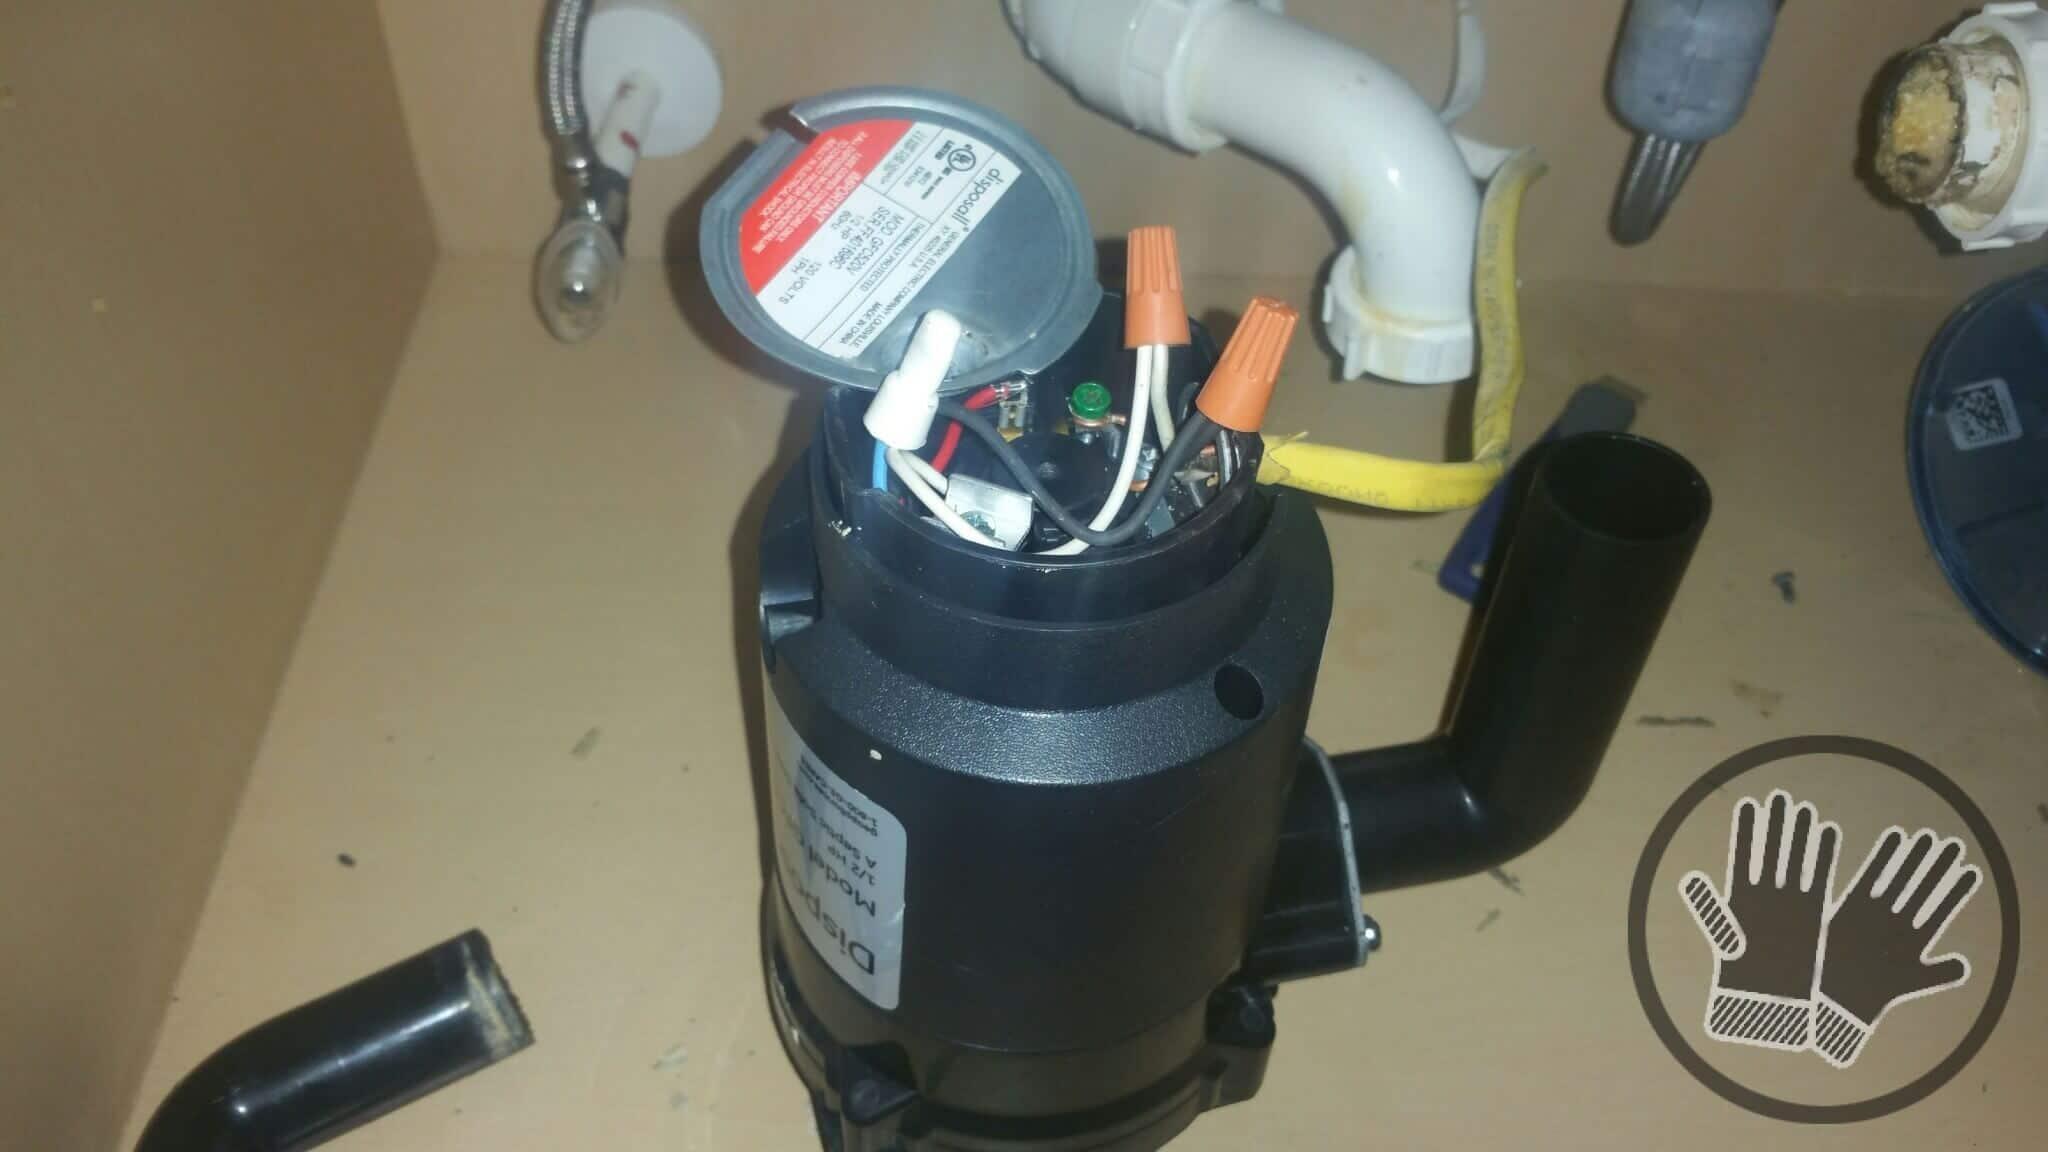 Hard Wiring Garbage Disposal